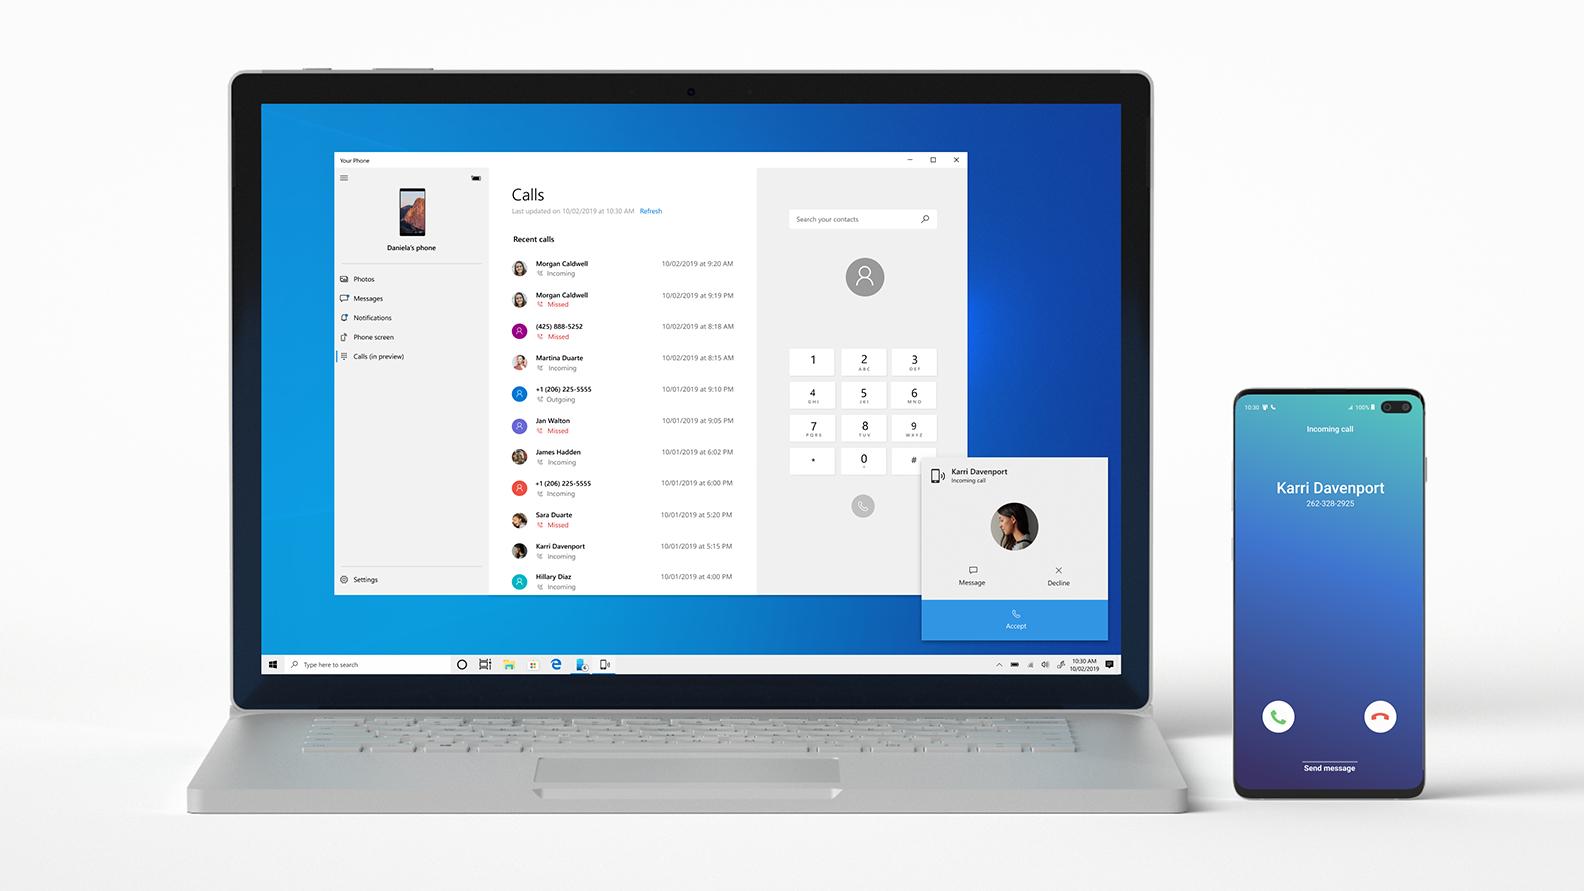 Windows 10 giờ cho phép tất cả người dùng thực hiện cuộc gọi điện thoại Android từ PC bằng điện thoại của bạn 1